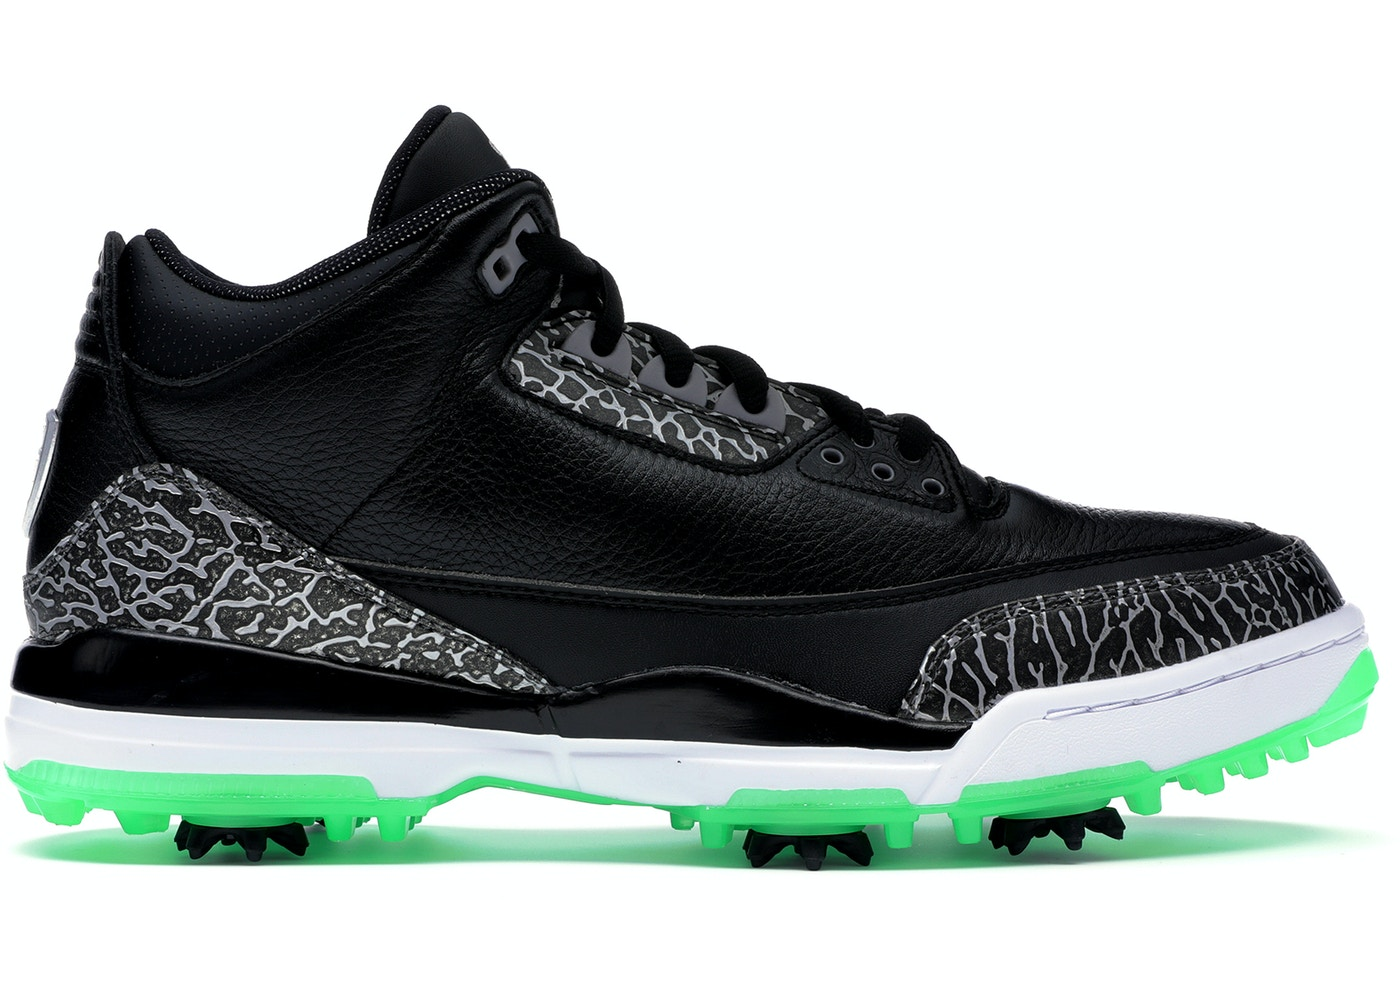 ジョーダン メンズ レトロ3 Air Jordan 3 Retro Low Golf ゴルフシューズ BLACK/BLACK-GREEN GLOW